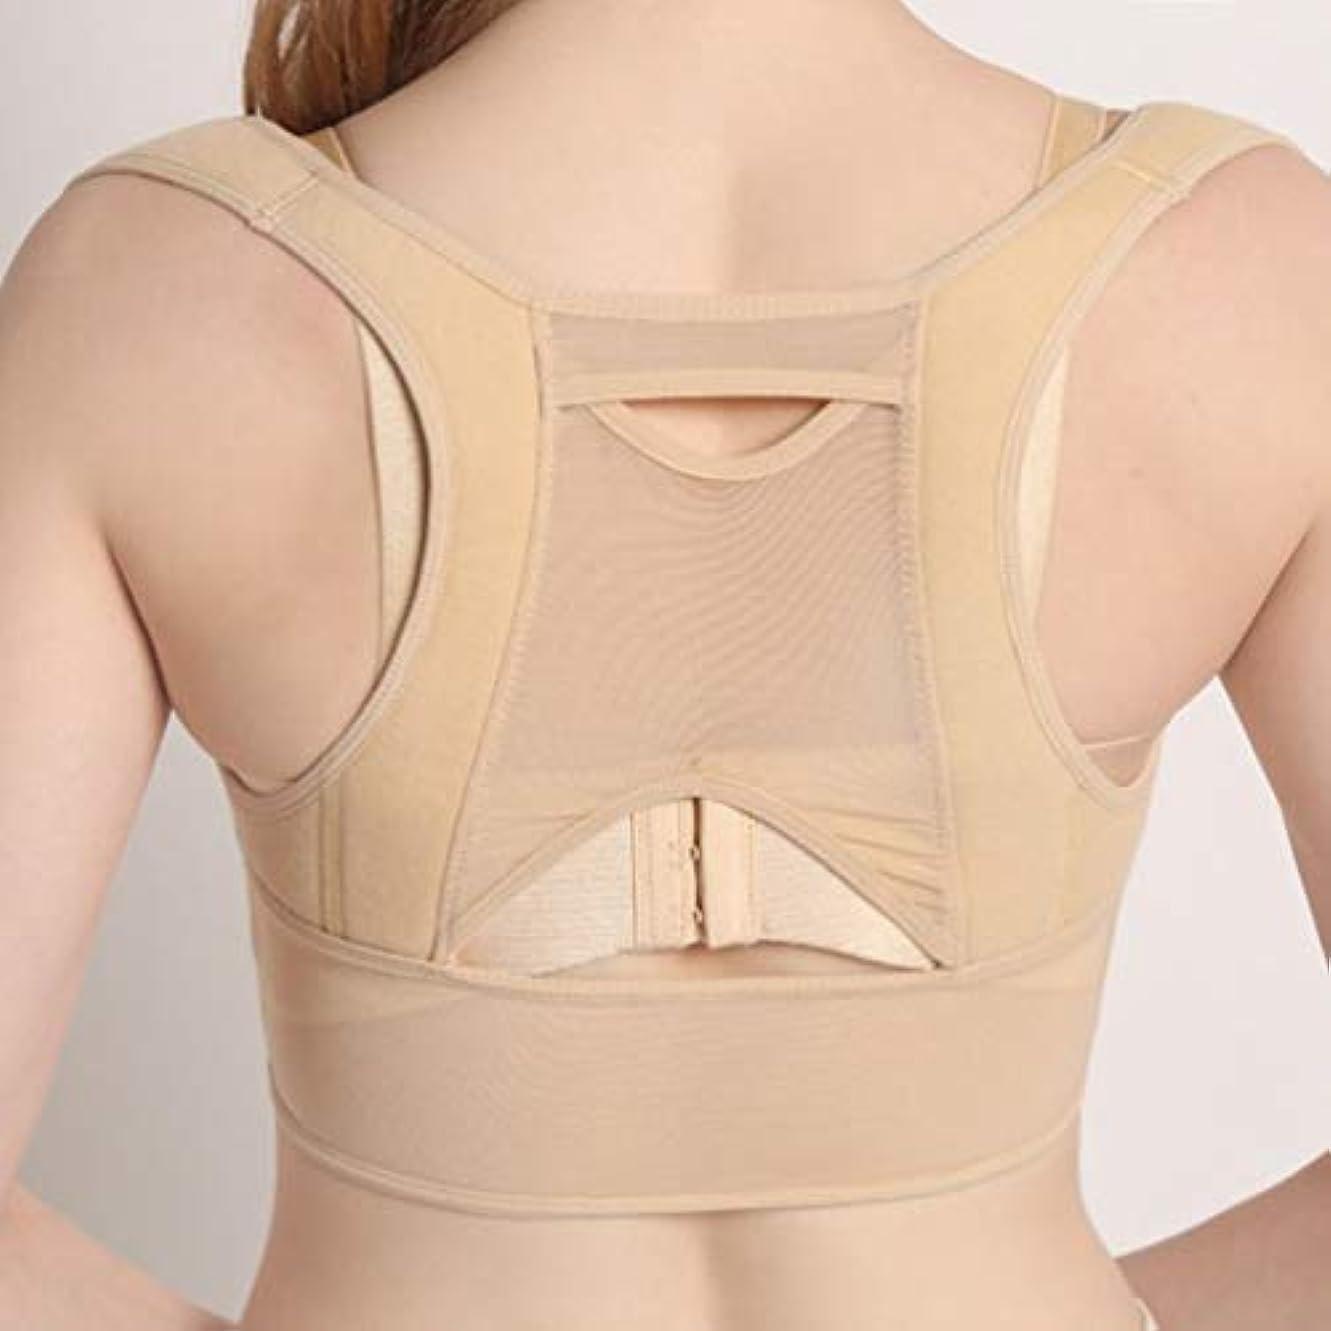 追放するハードウェア民兵通気性のある女性の背中の姿勢矯正コルセット整形外科の肩の背骨の姿勢矯正腰椎サポート - ベージュホワイトM